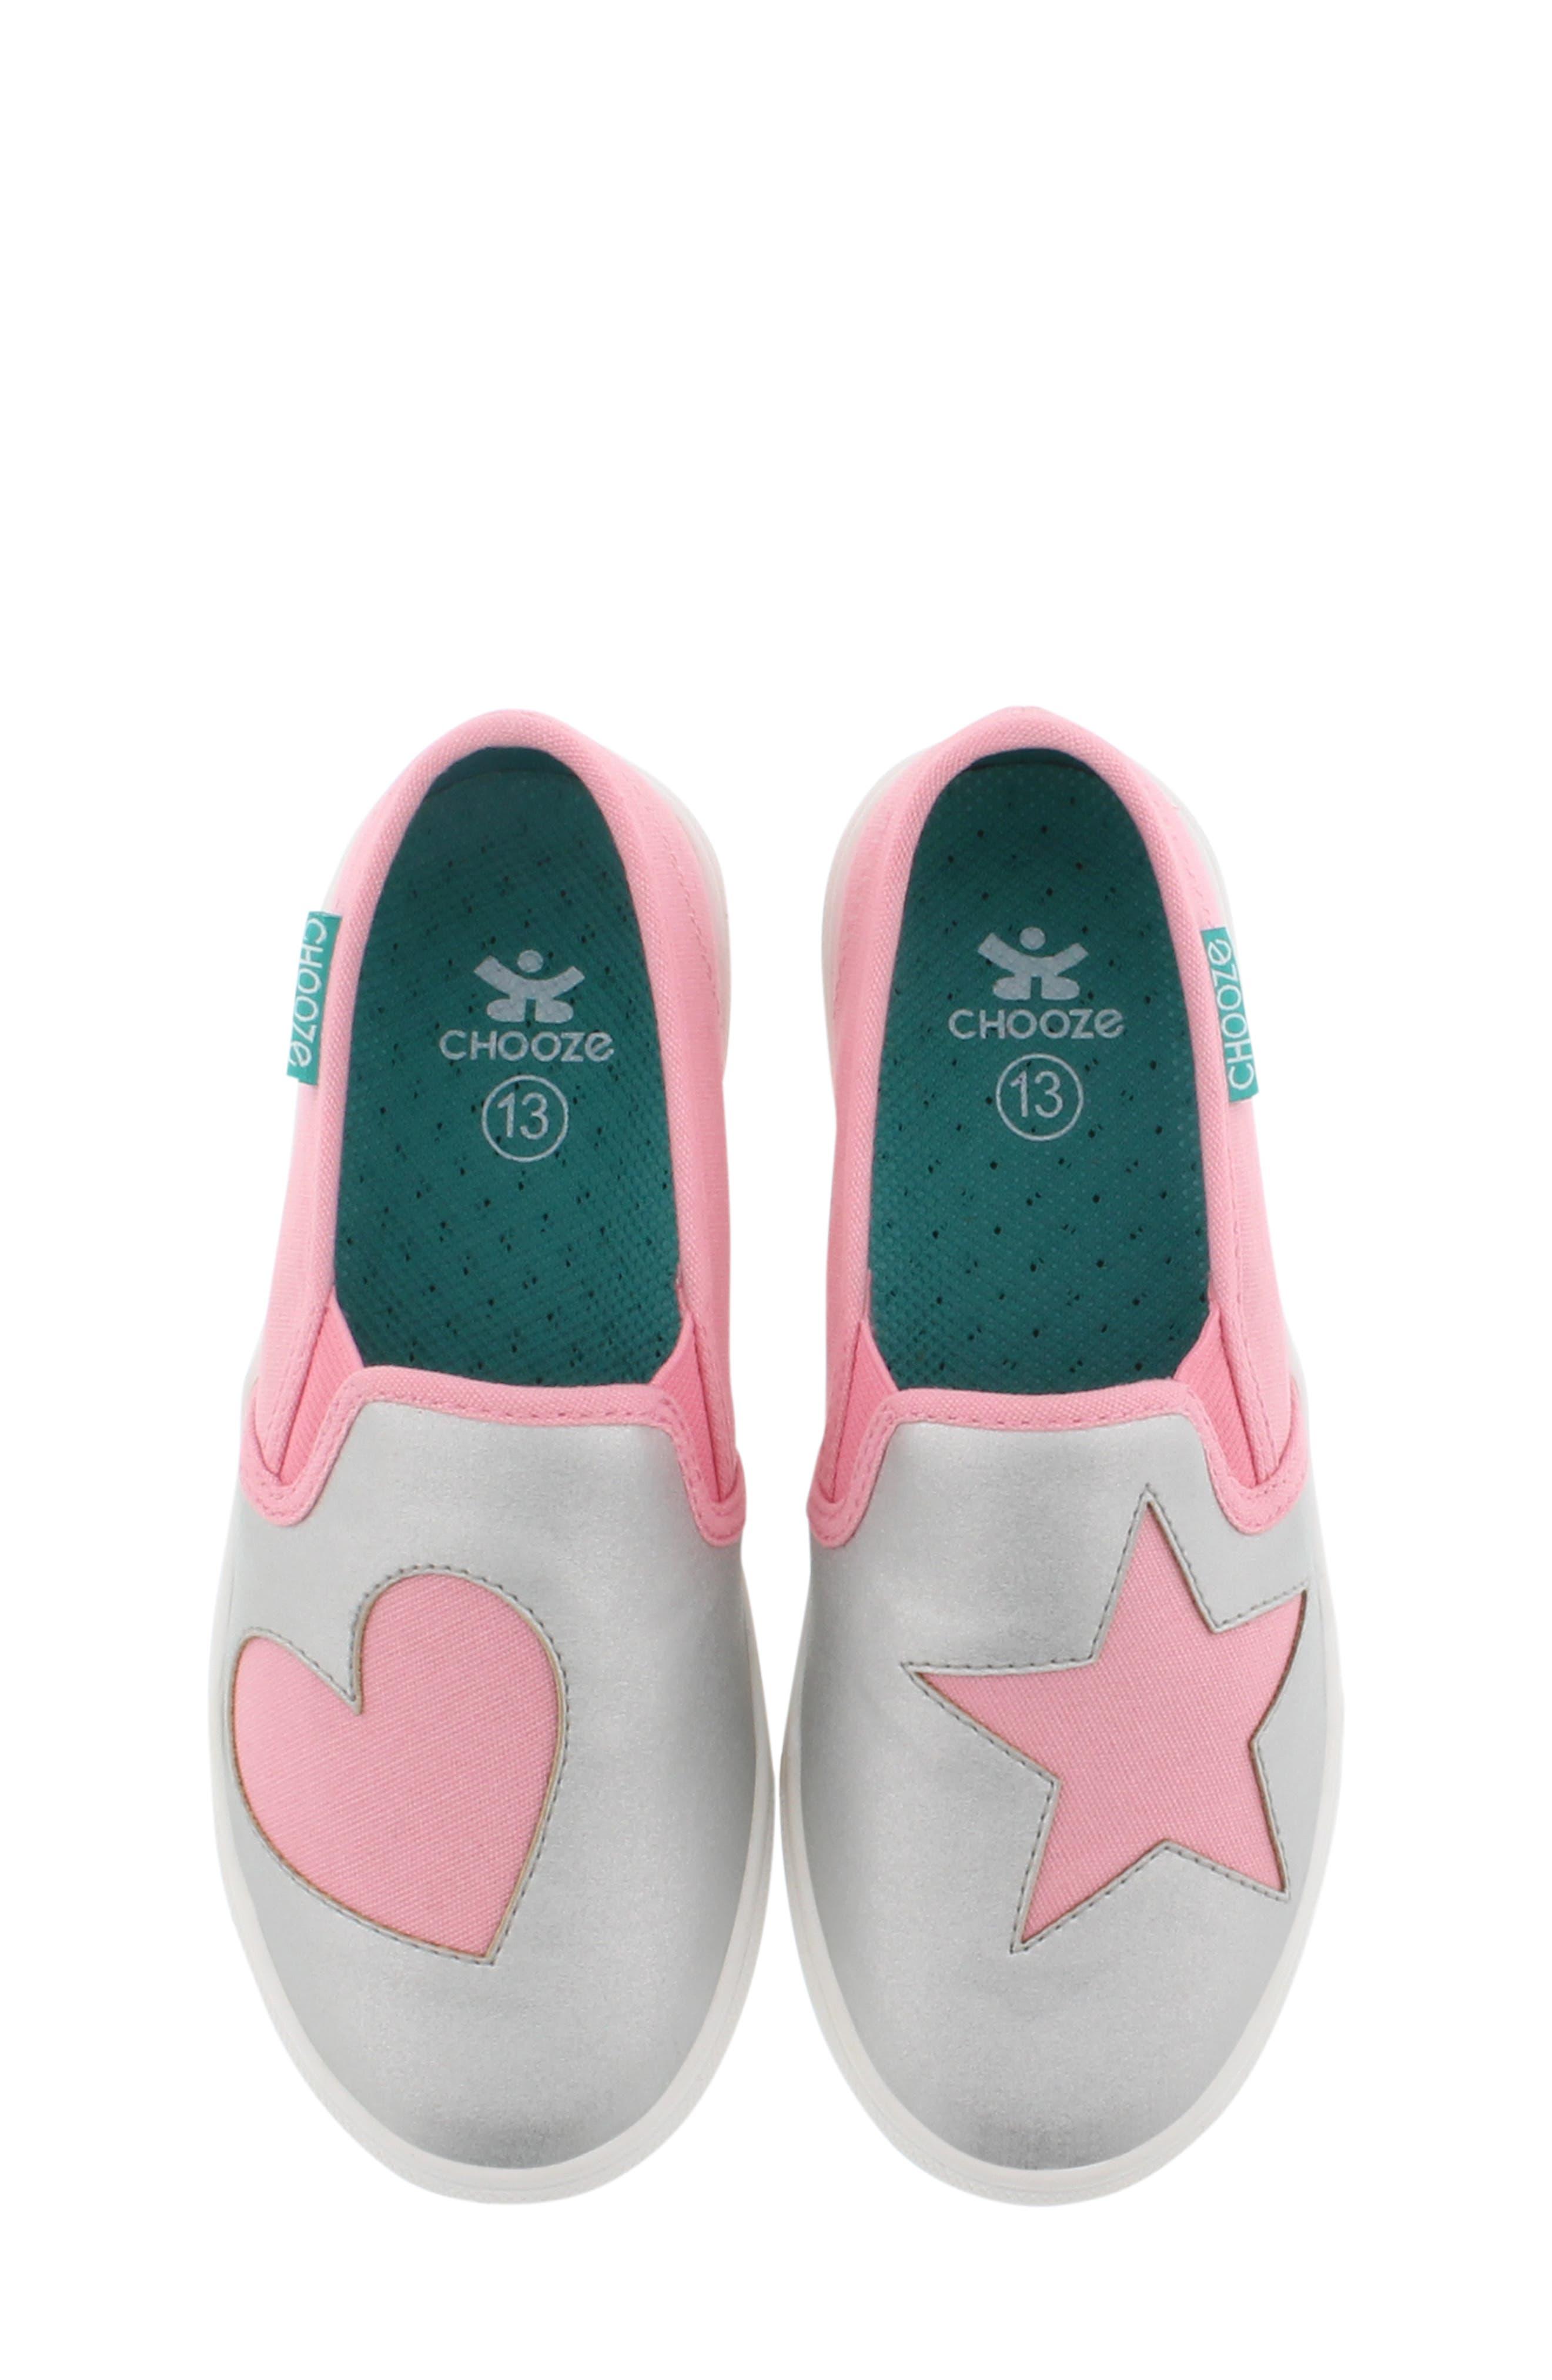 CHOOZE, Little Choice Starheart Slip-On Sneaker, Alternate thumbnail 5, color, SILVER